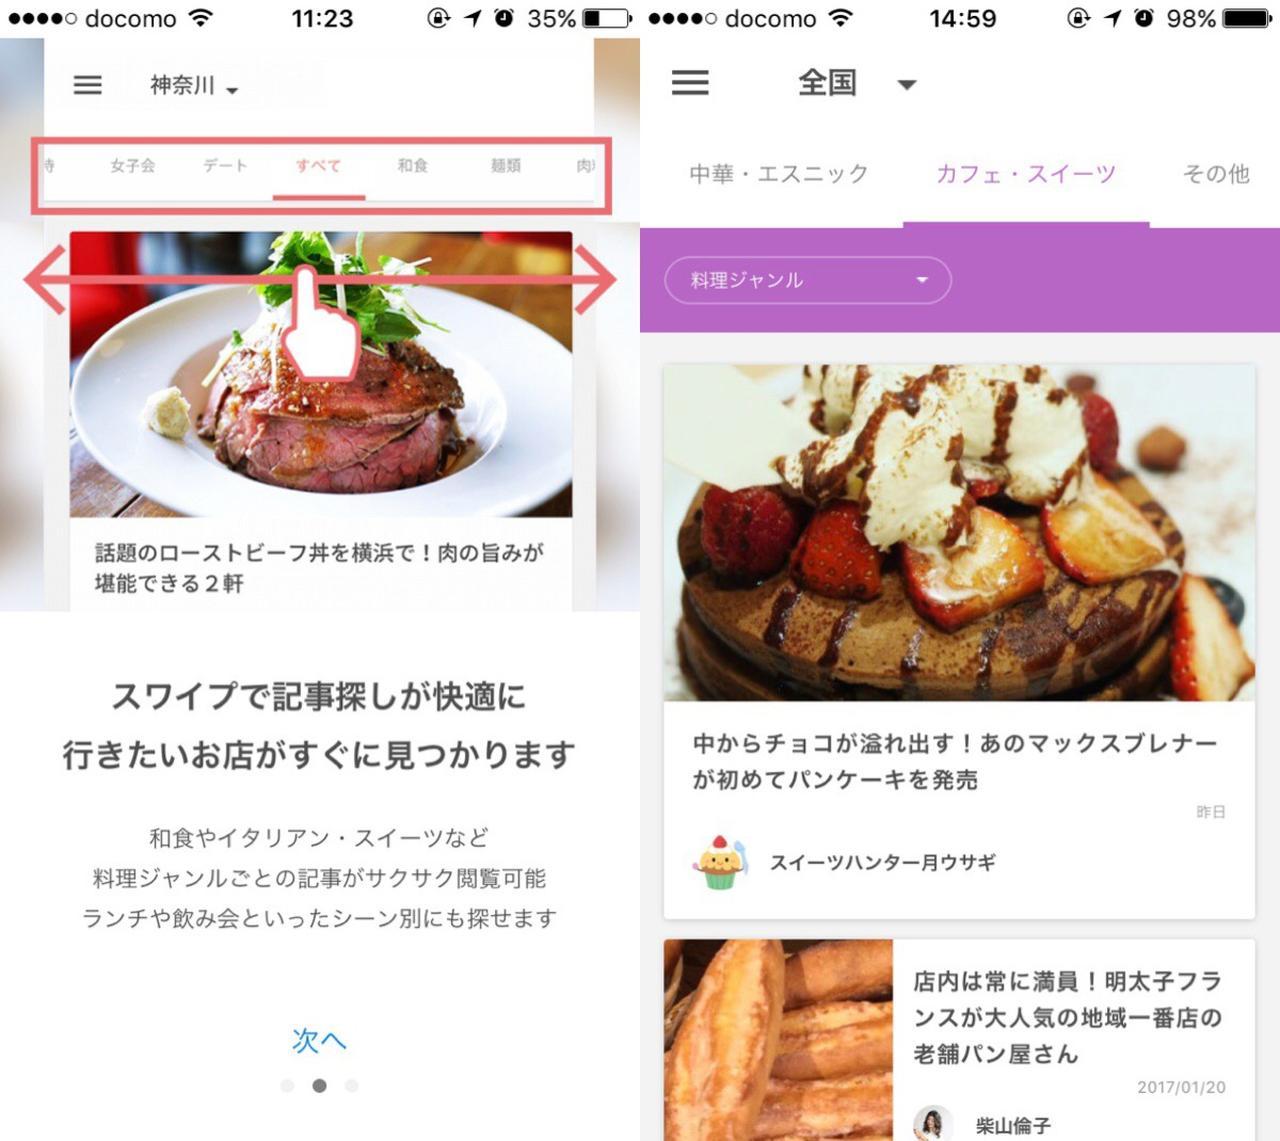 画像2: 和食、イタリアン、スイーツにラーメンと幅広いジャンルのオススメを掲載。